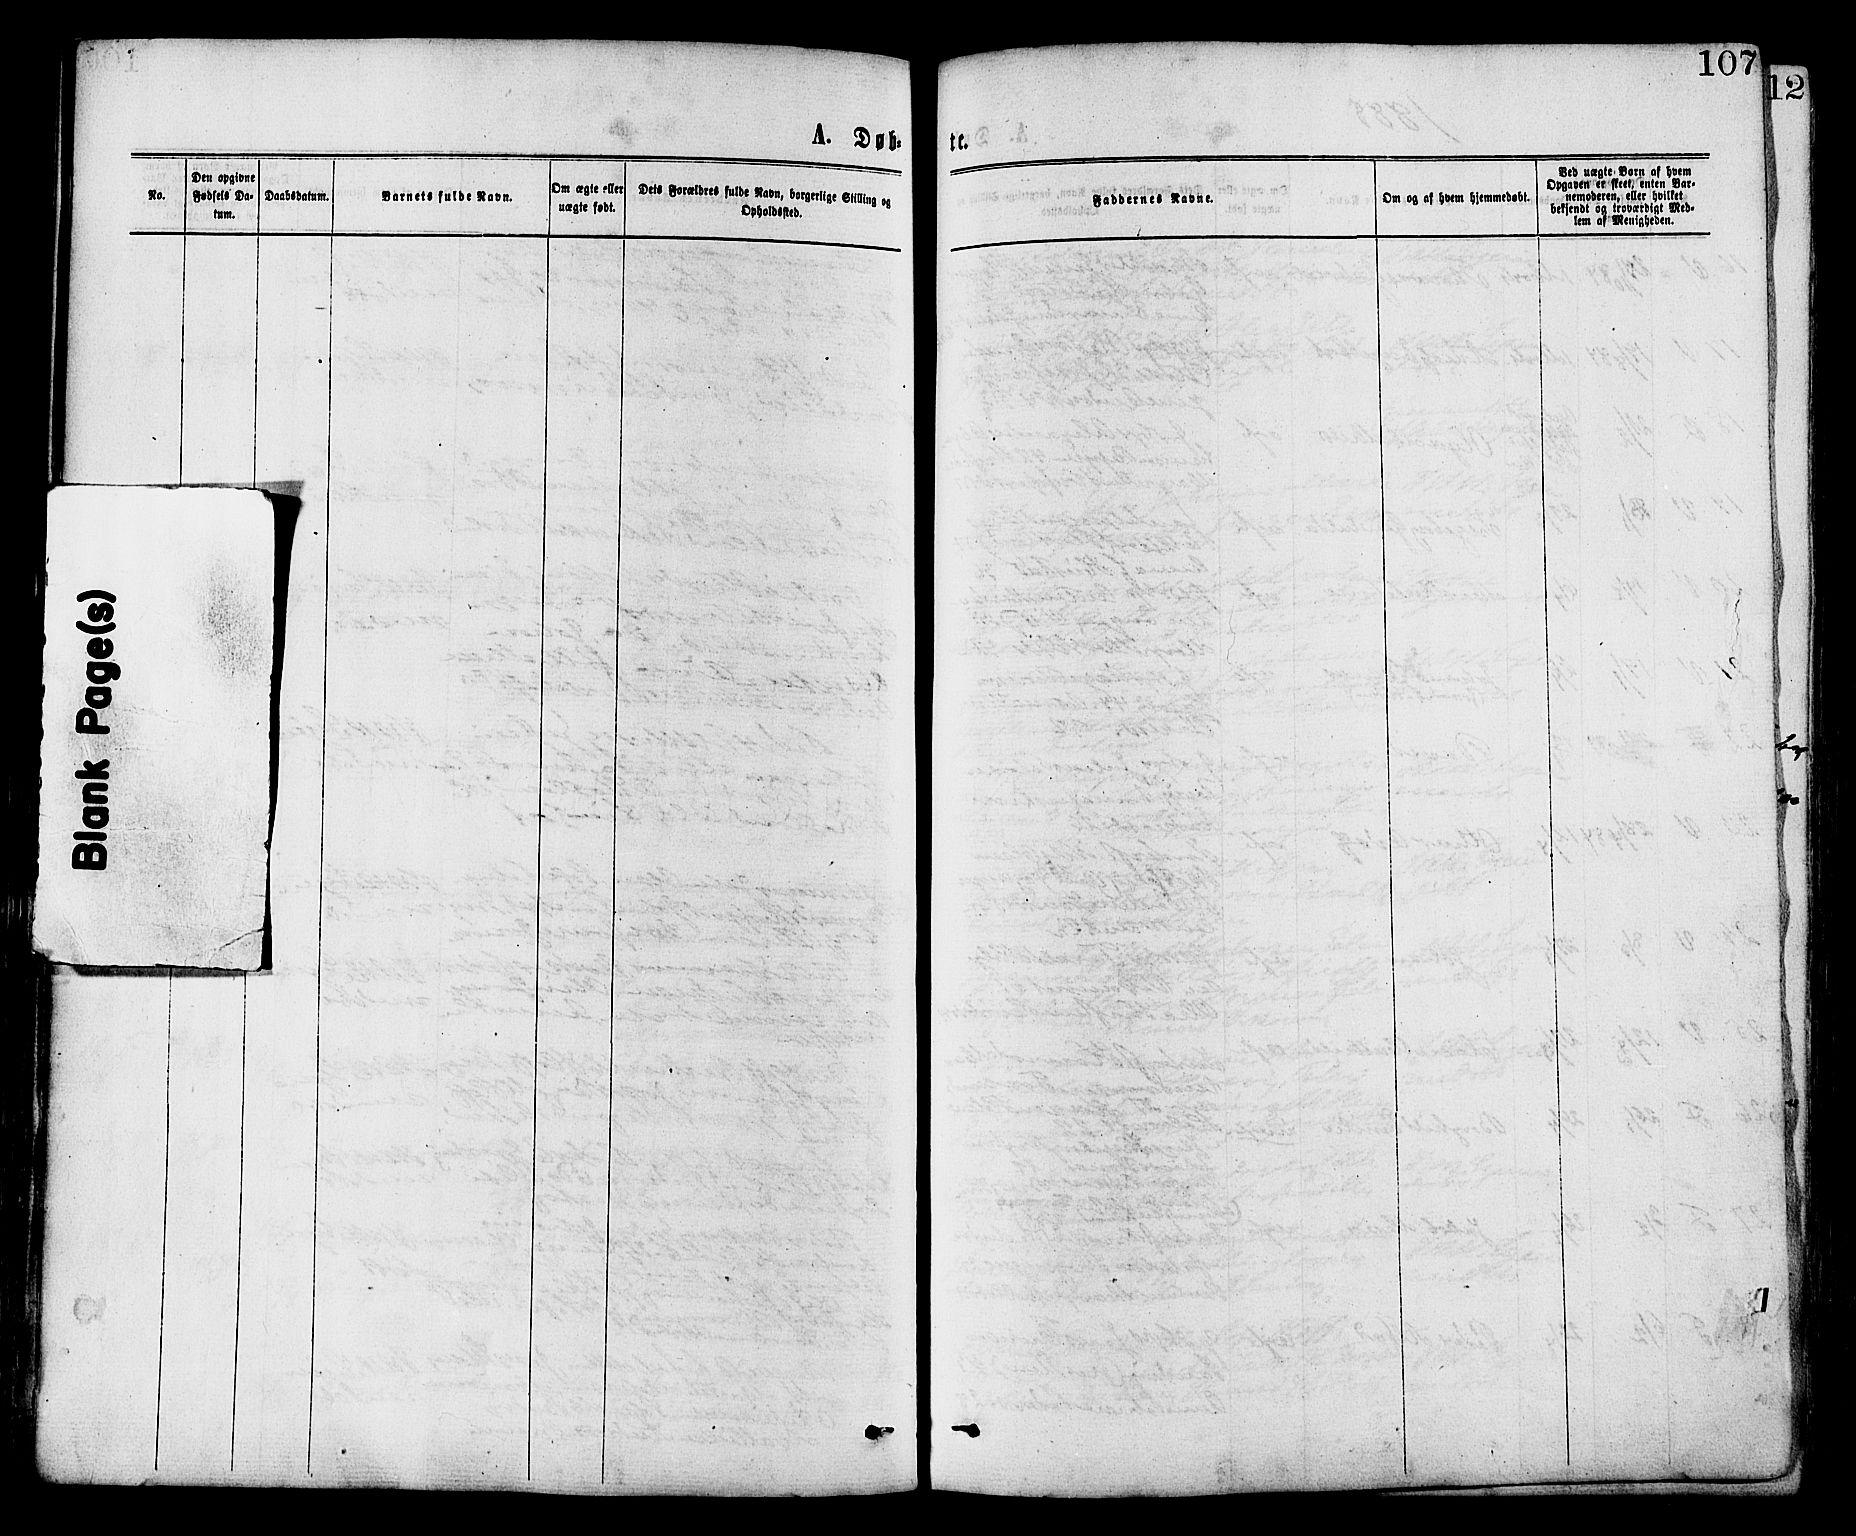 SAT, Ministerialprotokoller, klokkerbøker og fødselsregistre - Nord-Trøndelag, 773/L0616: Ministerialbok nr. 773A07, 1870-1887, s. 107